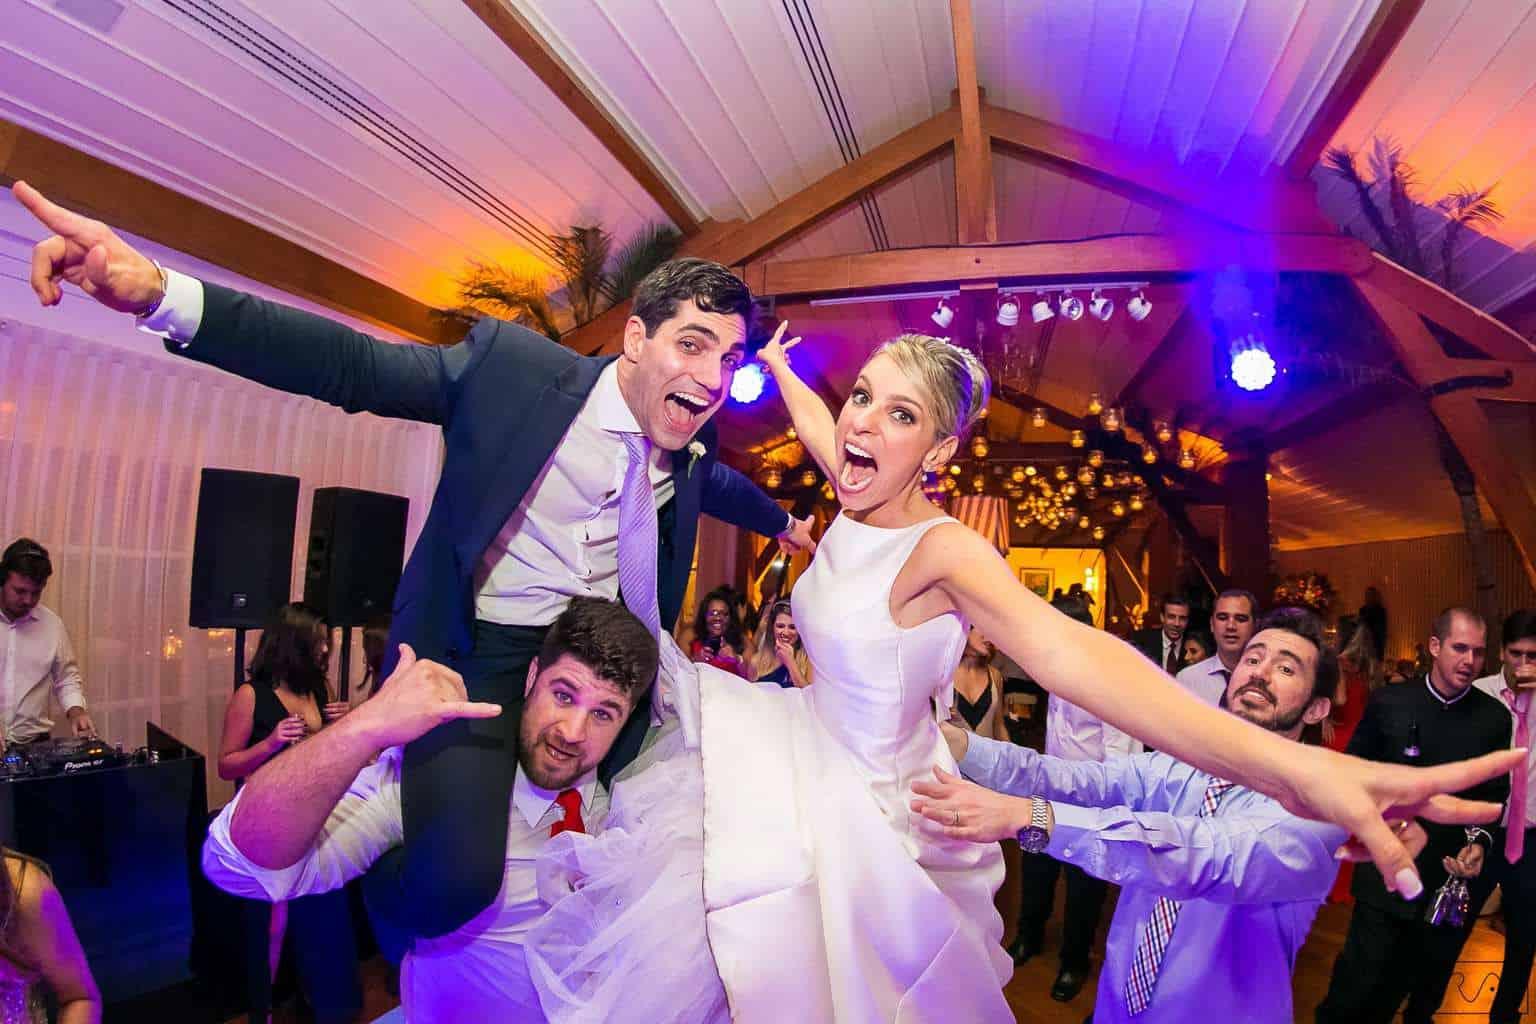 ana-carolina-e-bernardo-Anna-Carolina-Werneck-beleza-da-noiva-casamento-tradicional-festa-Gavea-Golf-Club-Kyra-Mirsky-making-of-mini-wedding-noiva-verde-e-rosa-casamento-39